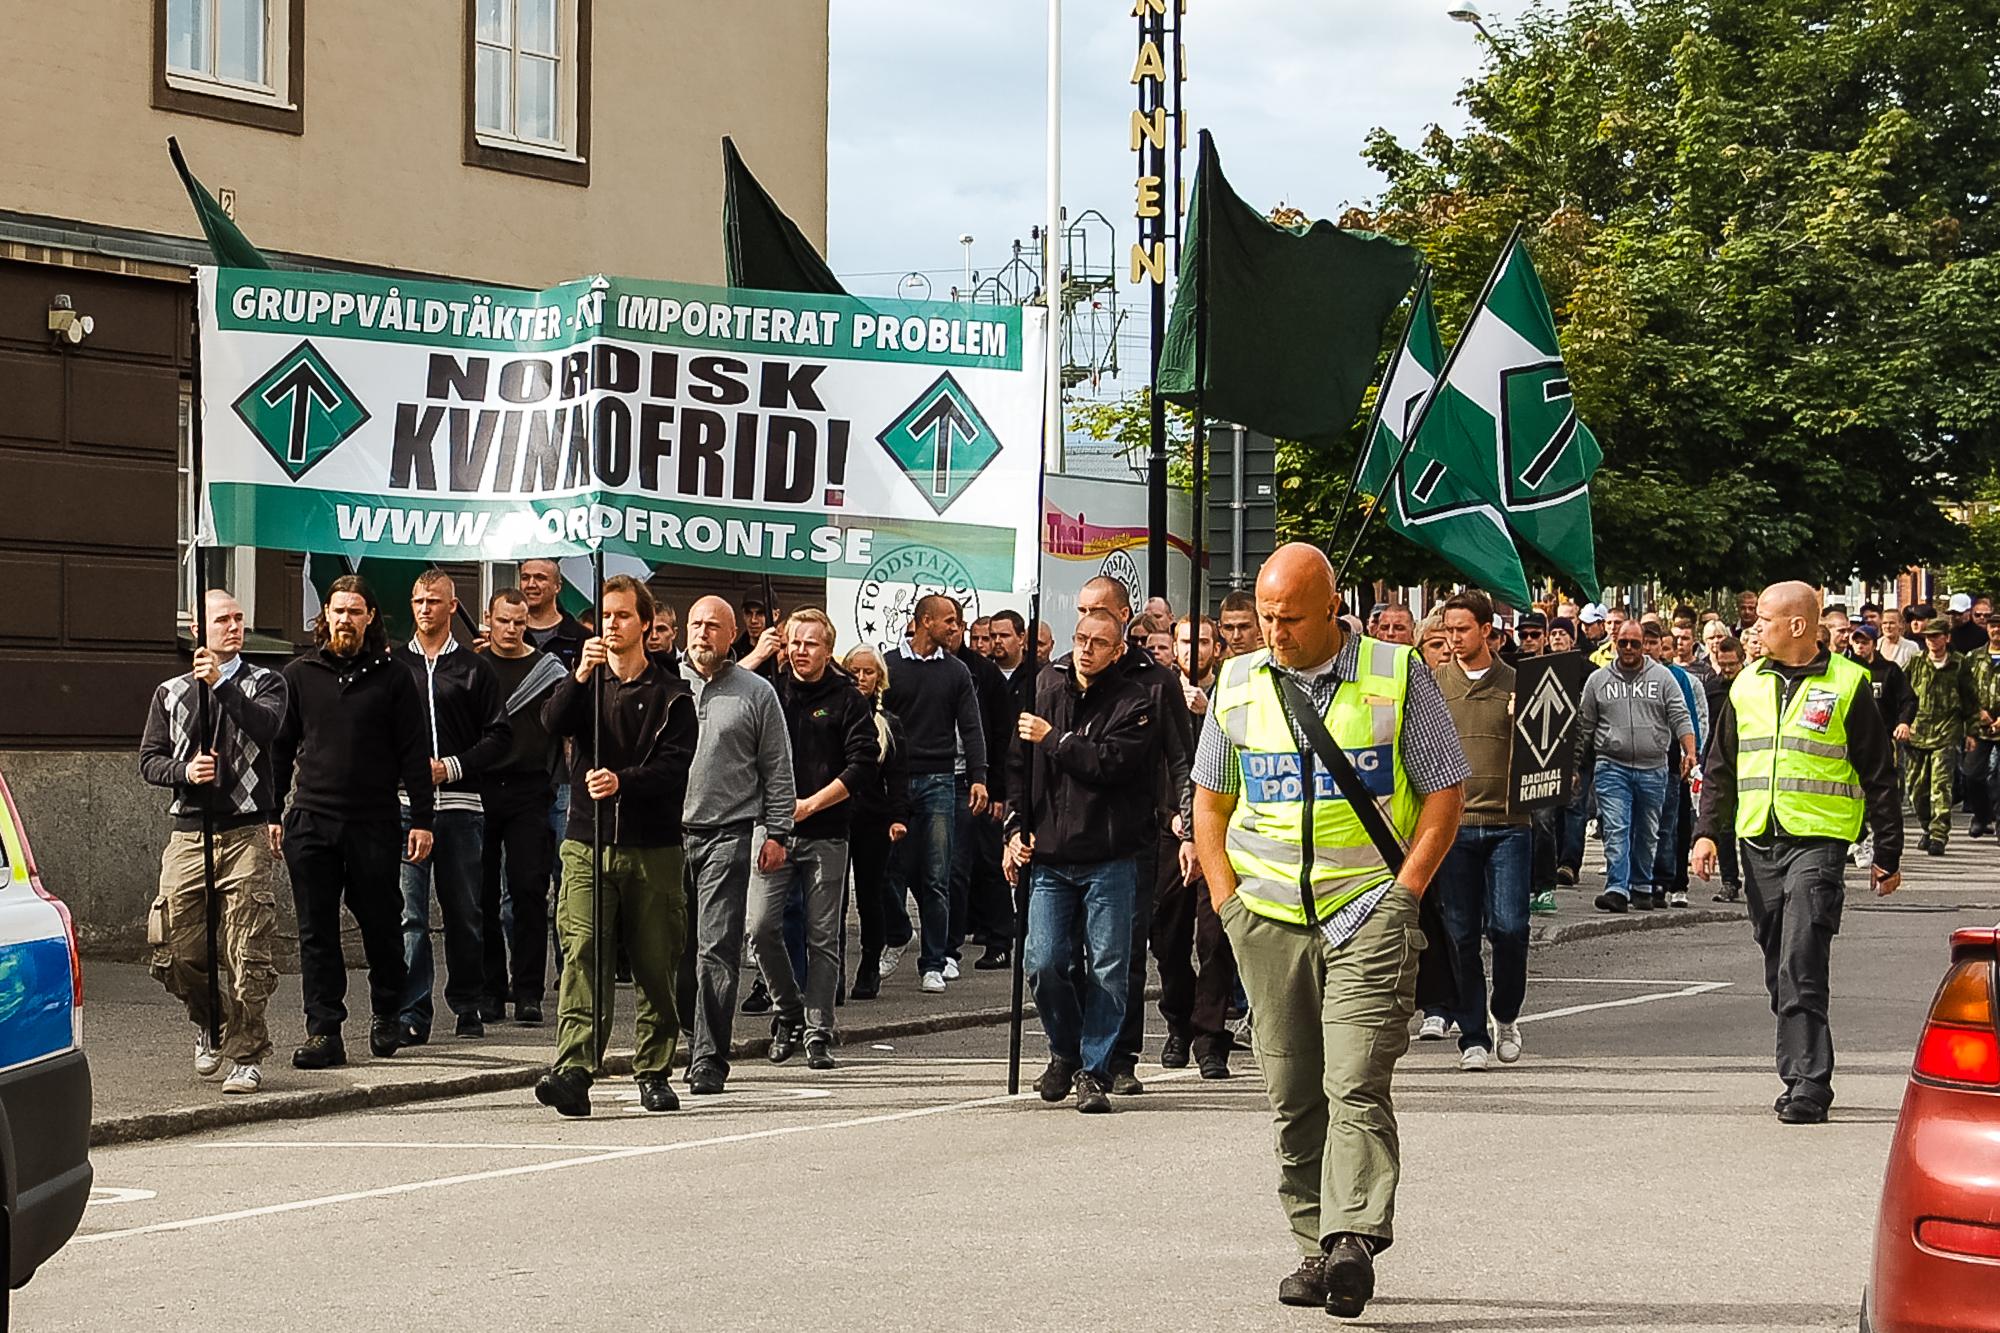 I august 2012 samlede NMR lidt over 100 deltagere i en demonstration, der gik igennem den svenske by Bollnäs, i demonstrationen deltog både Henrik Jarsbo og Esben Rohde Kristensen som repræsentanter for DNSB. Foto: Privat.